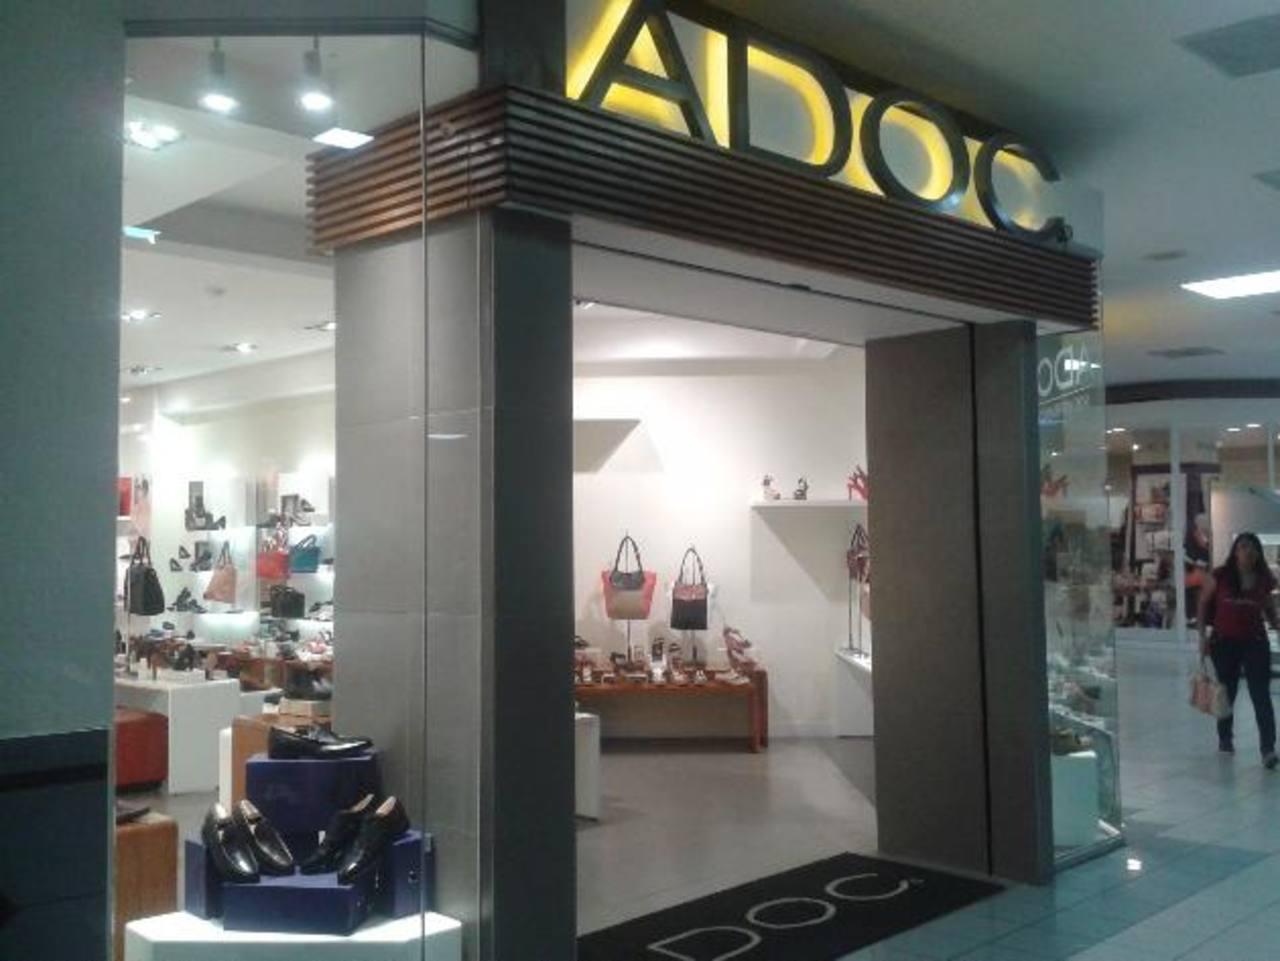 El ganador podrá utilizarla en todas las tiendas Adoc hasta el 31 de julio. Foto EDH/ Cortesía